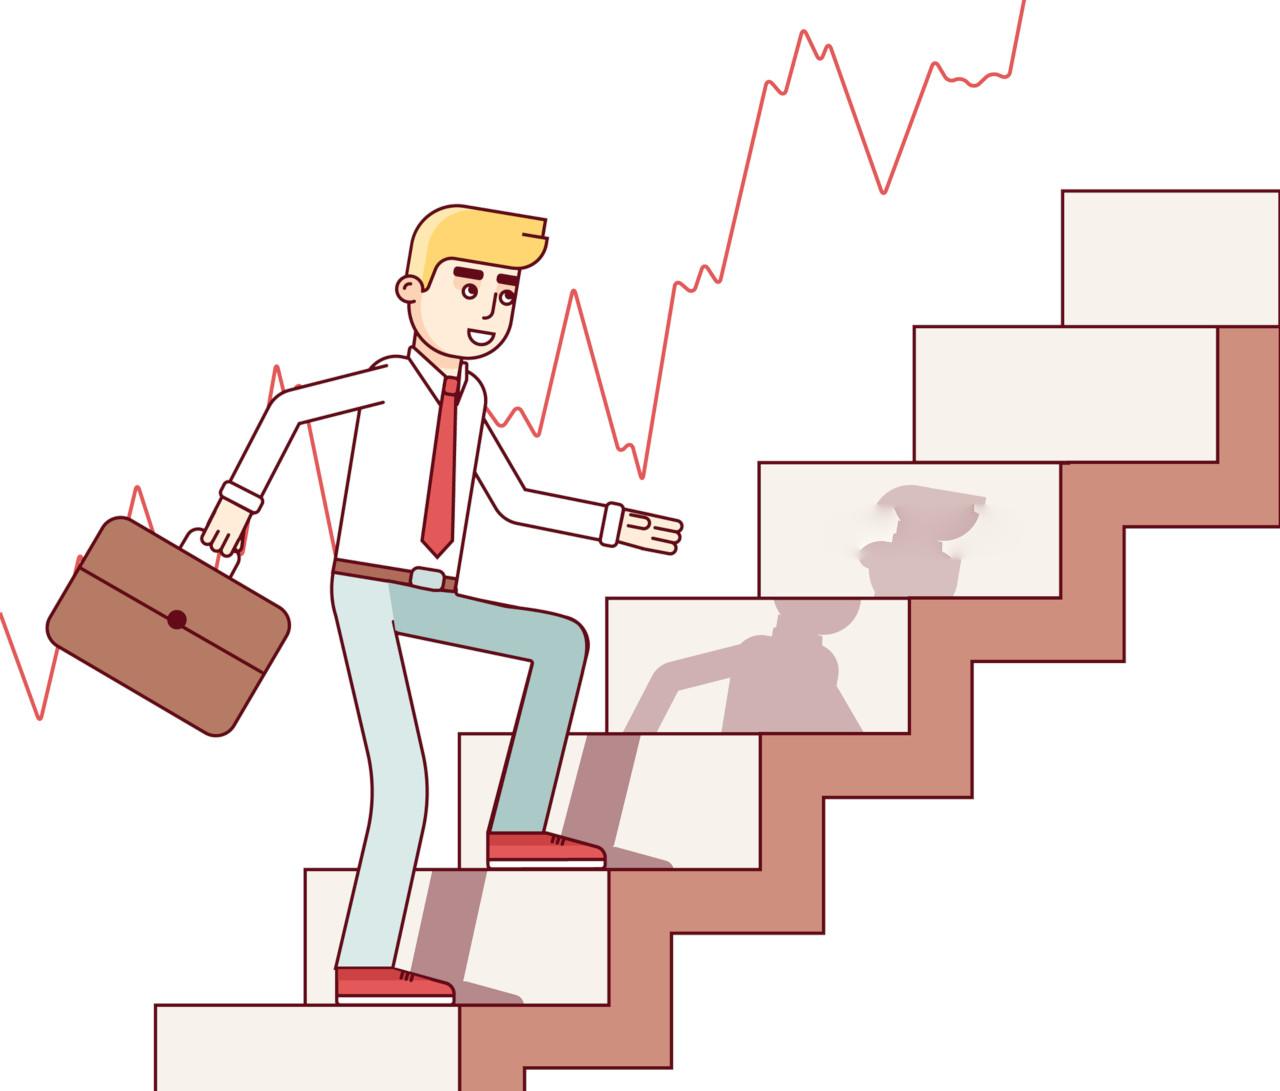 Hướng dẫn chọn tài sản có tỷ suất sinh lợi cao tại Binomo